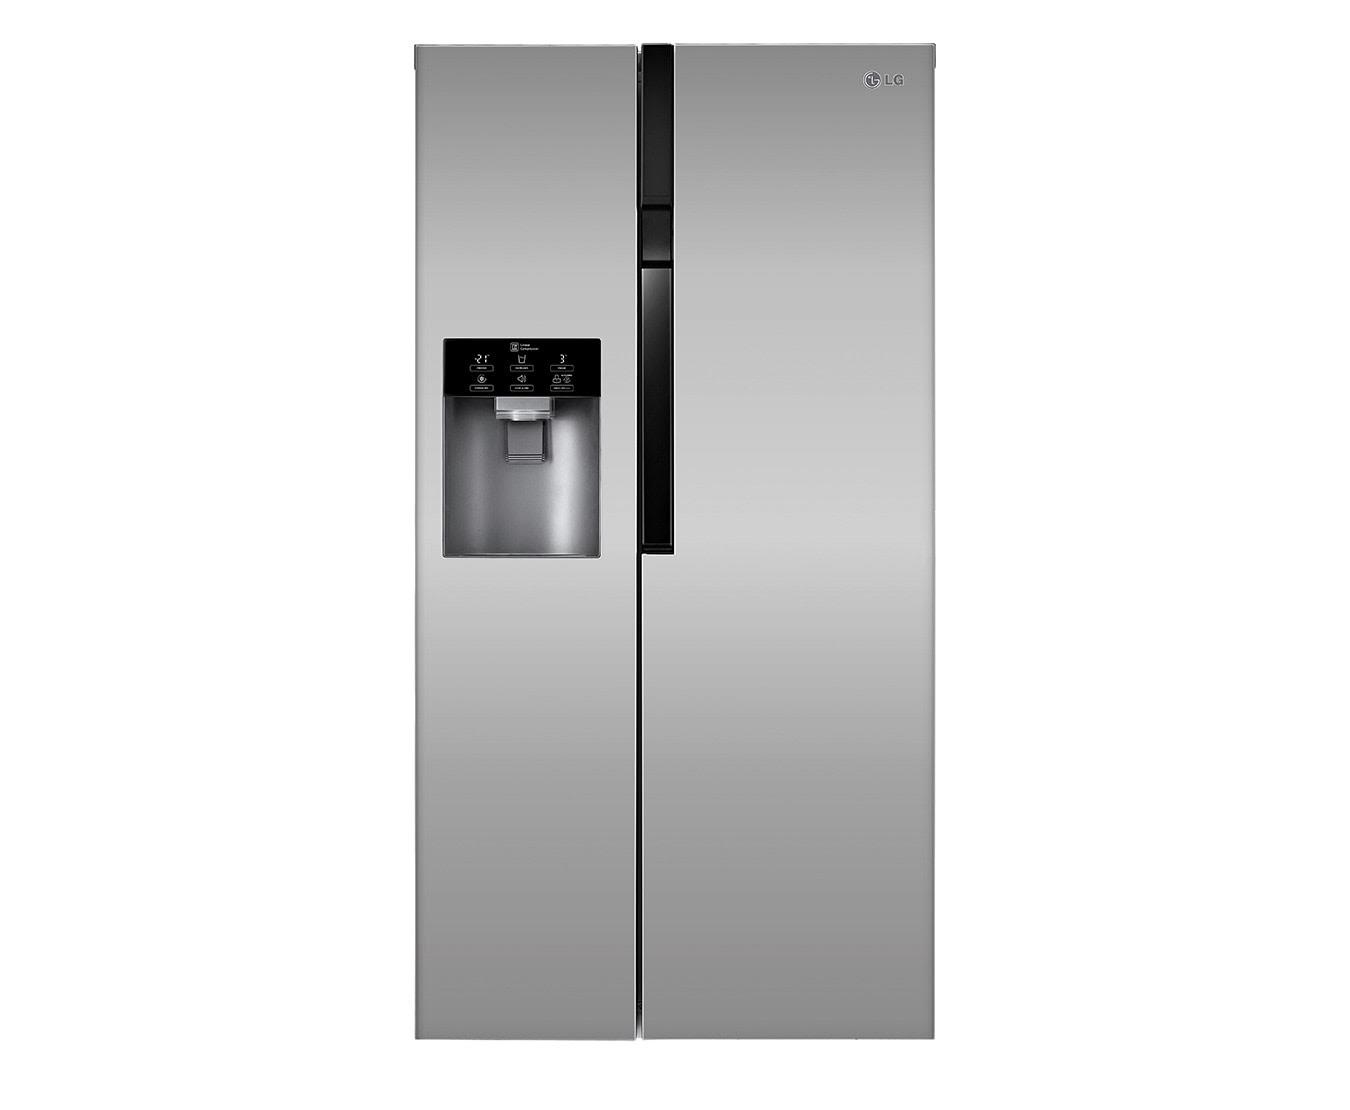 Bosch Kühlschrank Schalter Neben Licht : Privileg kühlschrank roter schalter maurine morton